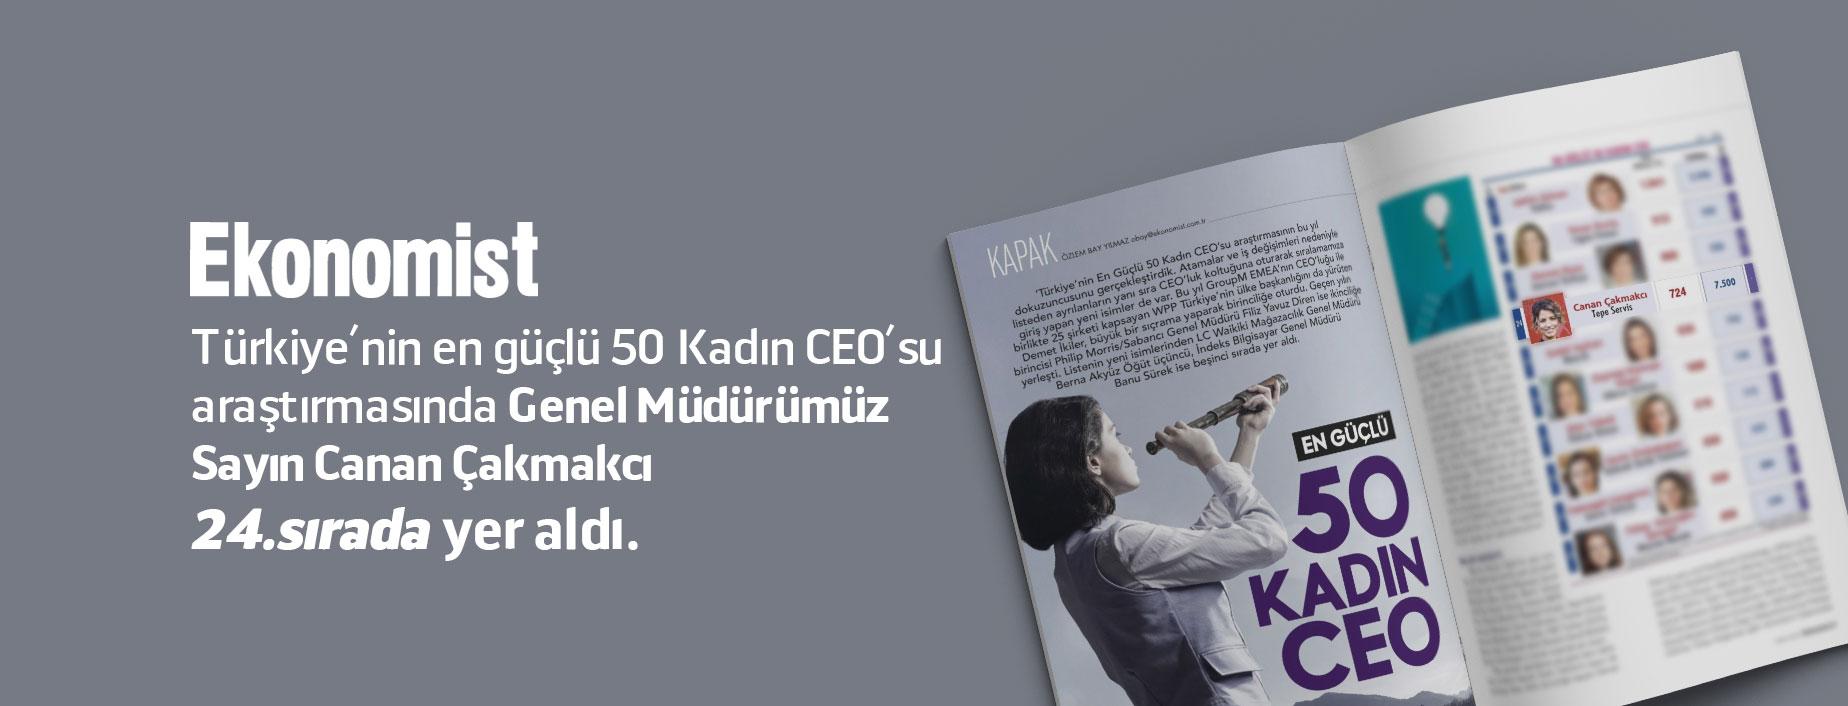 50 Güçlü kadın